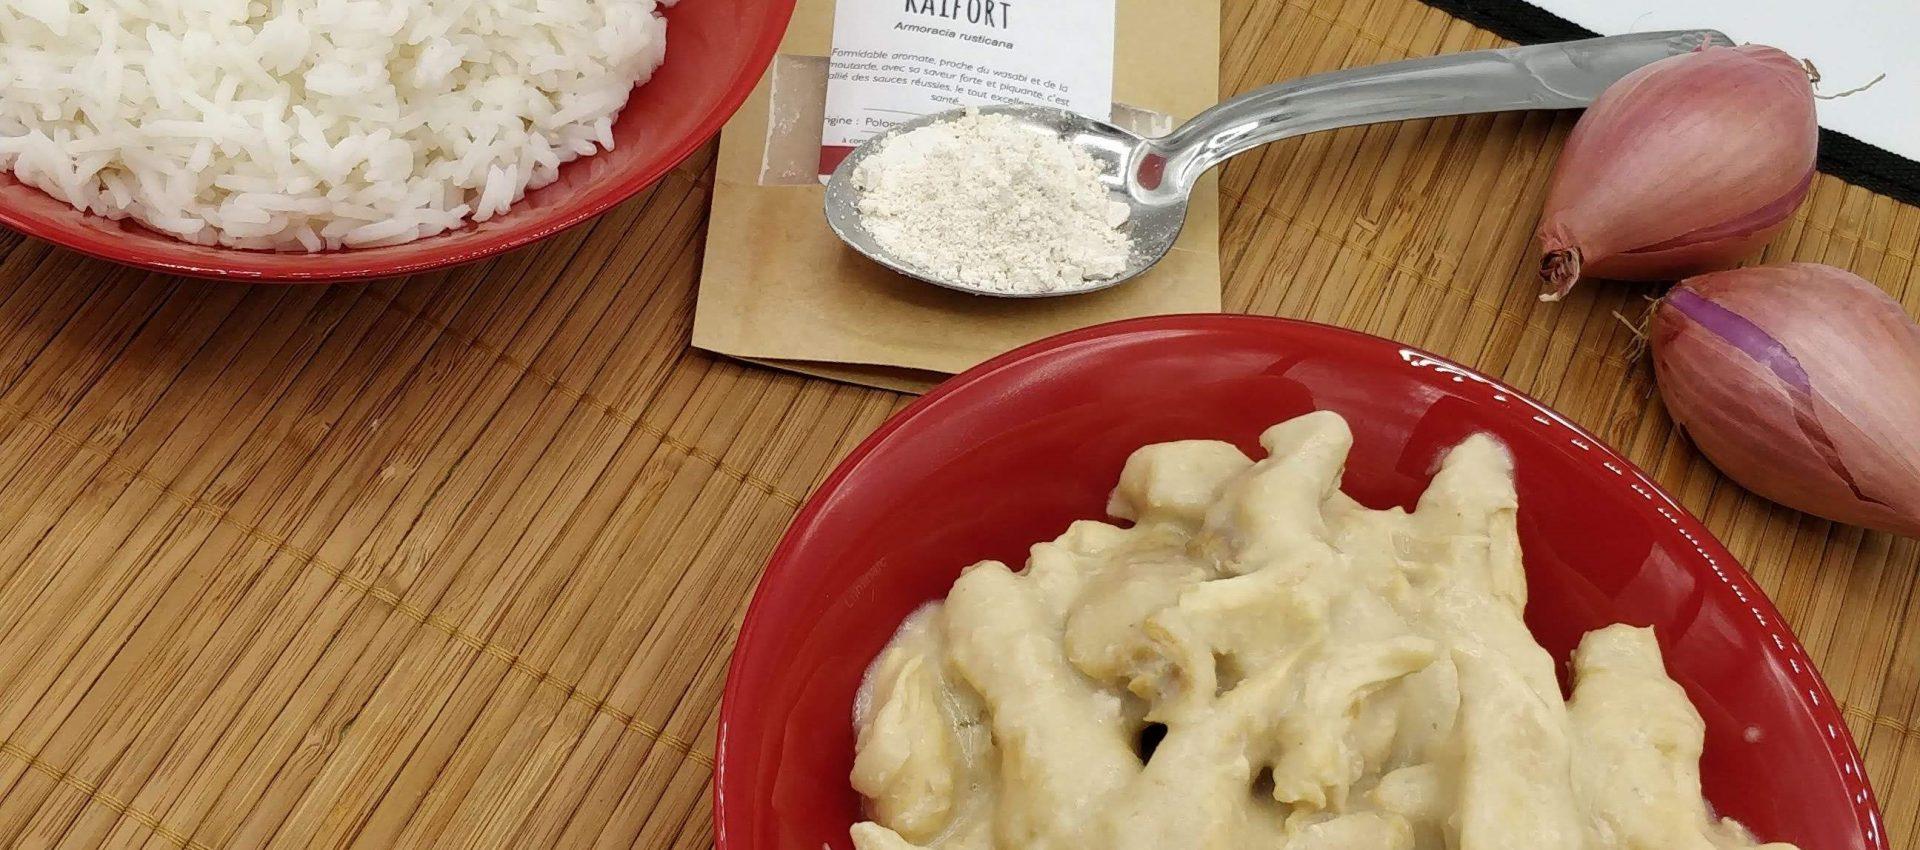 Aiguillettes de poulet au Raifort au cookeo